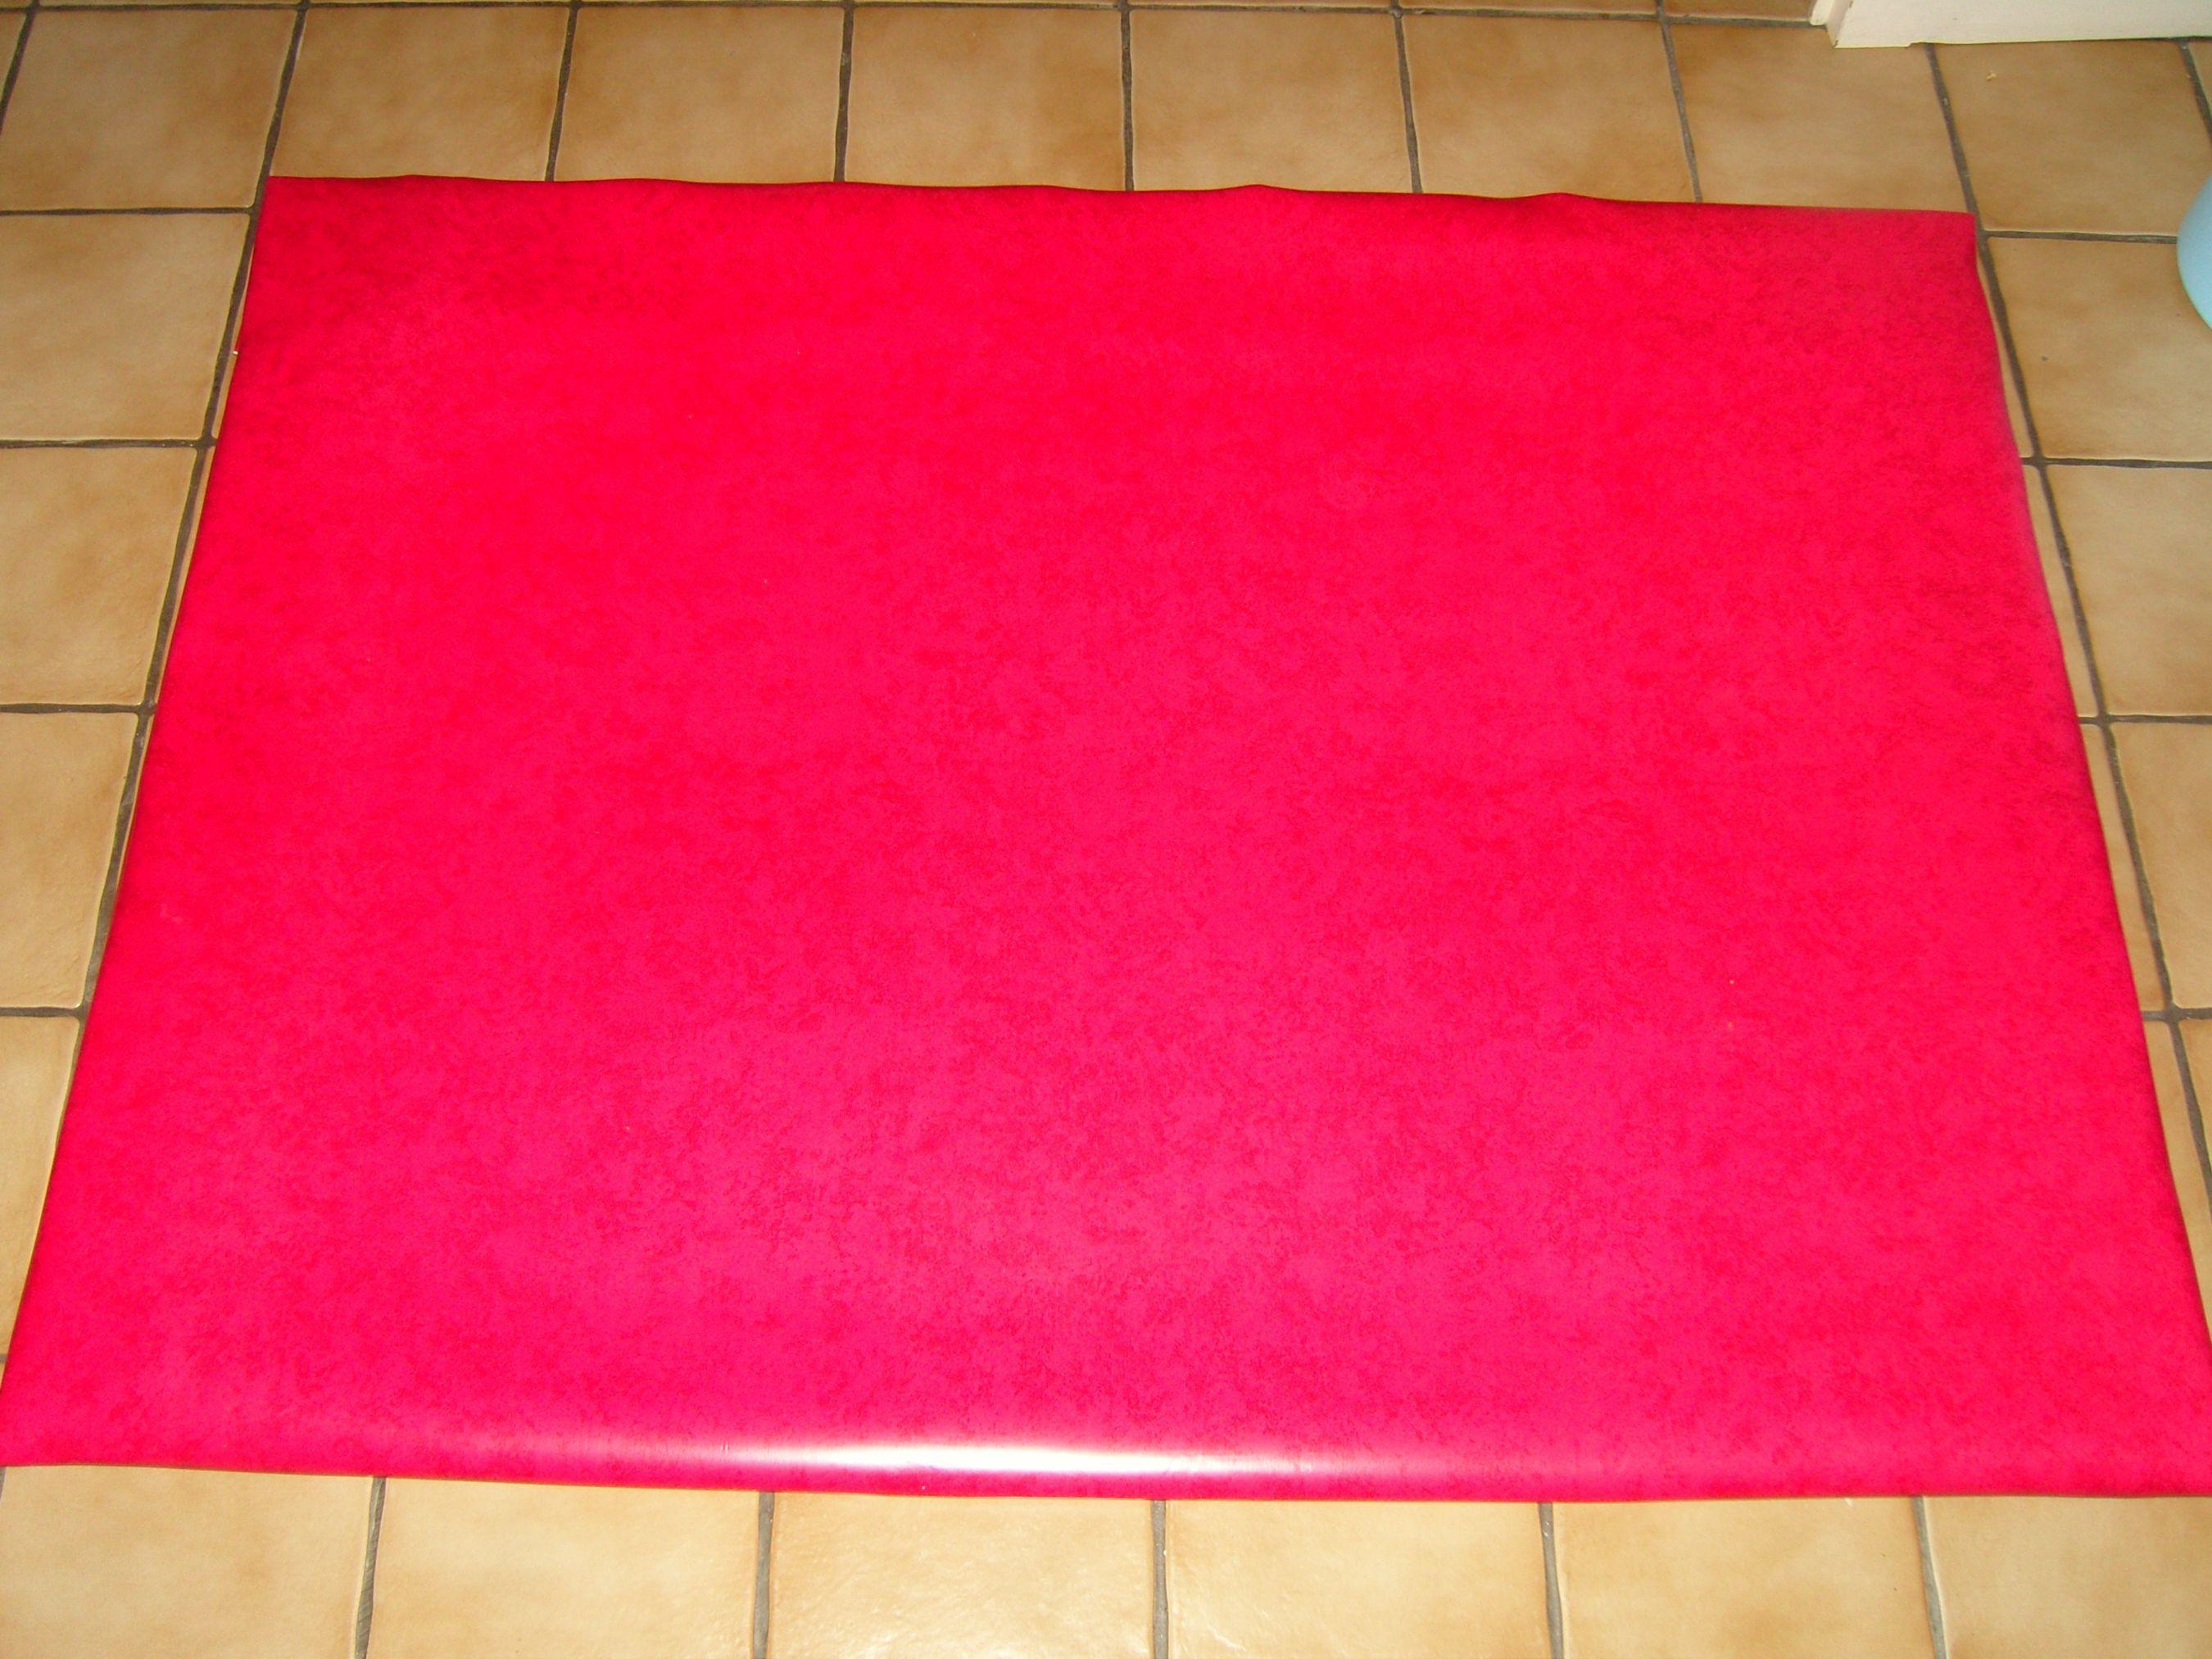 Nouvelles de mon tapis de gym fabrication maison - Toile antiderapante pour tapis ...